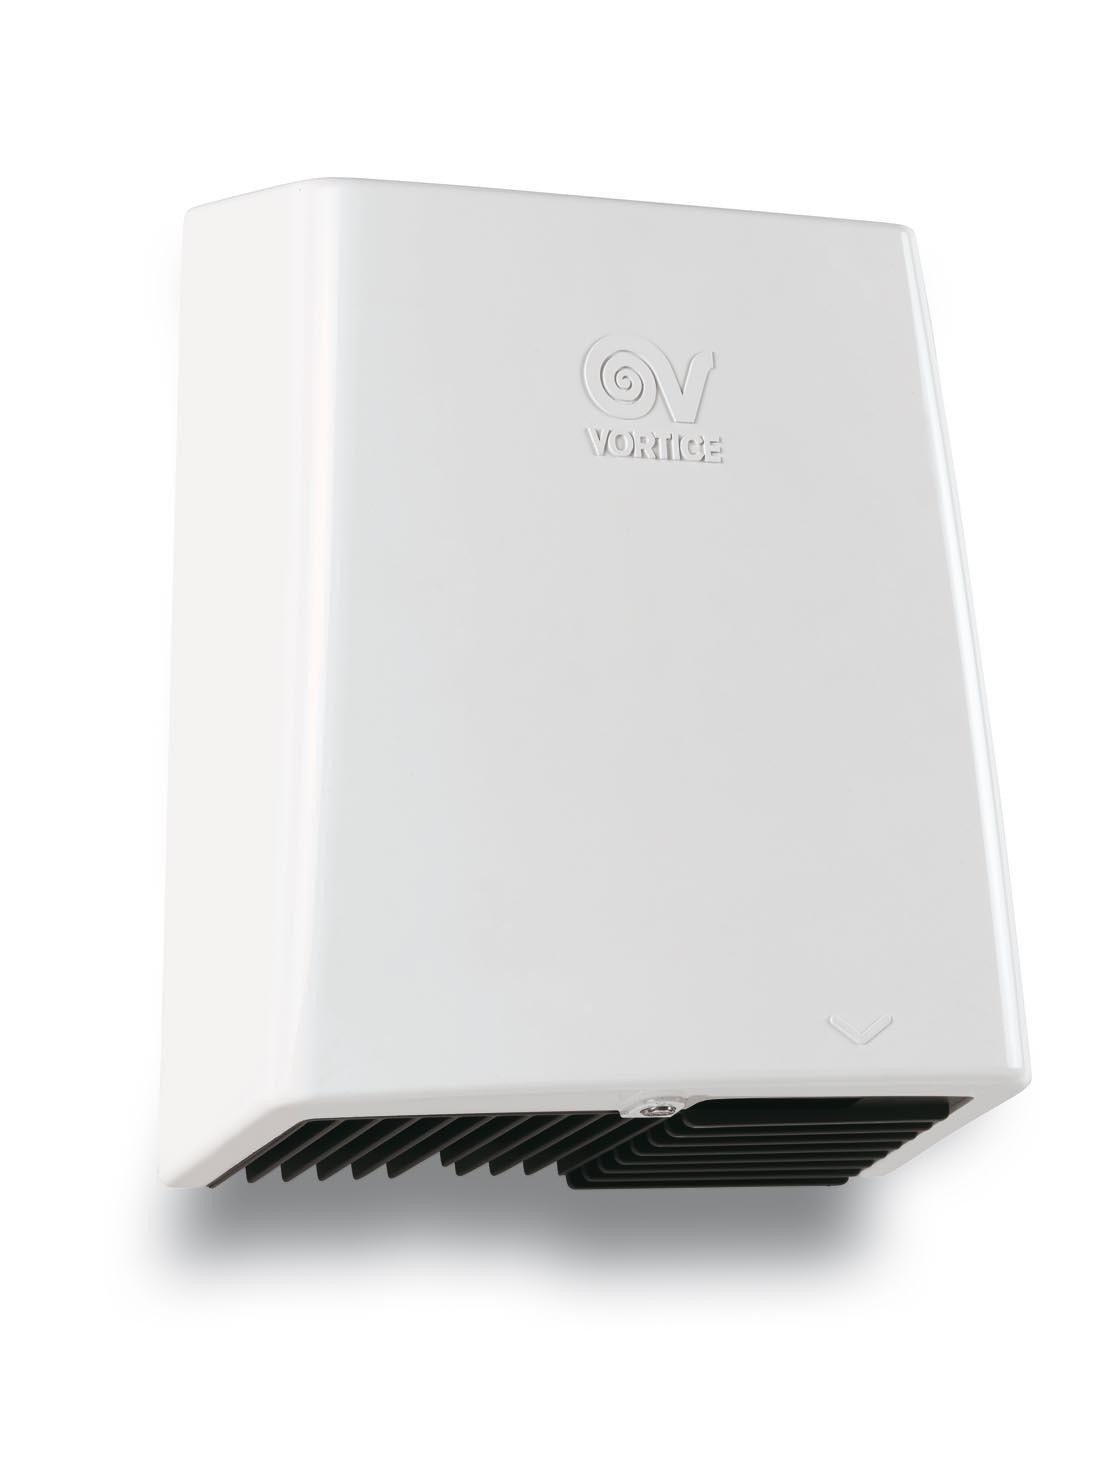 Vortice secador de manos, automático start, Optimal Dry: Amazon.es: Electrónica